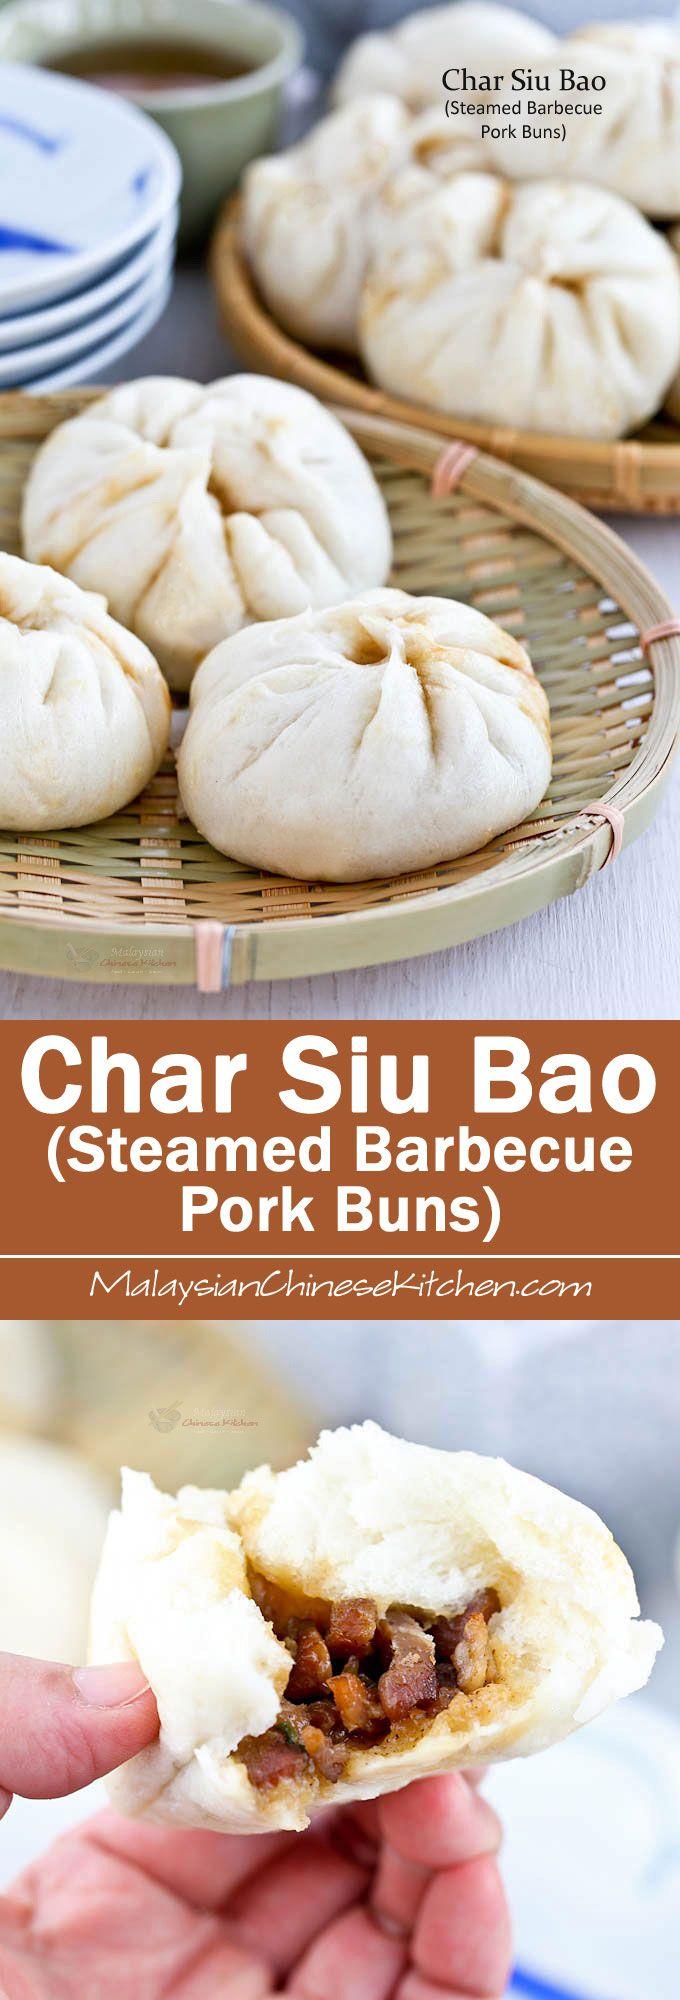 Suave, blanco, mullido, deliciosa Char Siu Bao (Al vapor Barbacoa bollos de cerdo) son uno de los favoritos.  Ellos son el aperitivo perfecto en cualquier momento del día.  |  MalaysianChineseKitchen.com